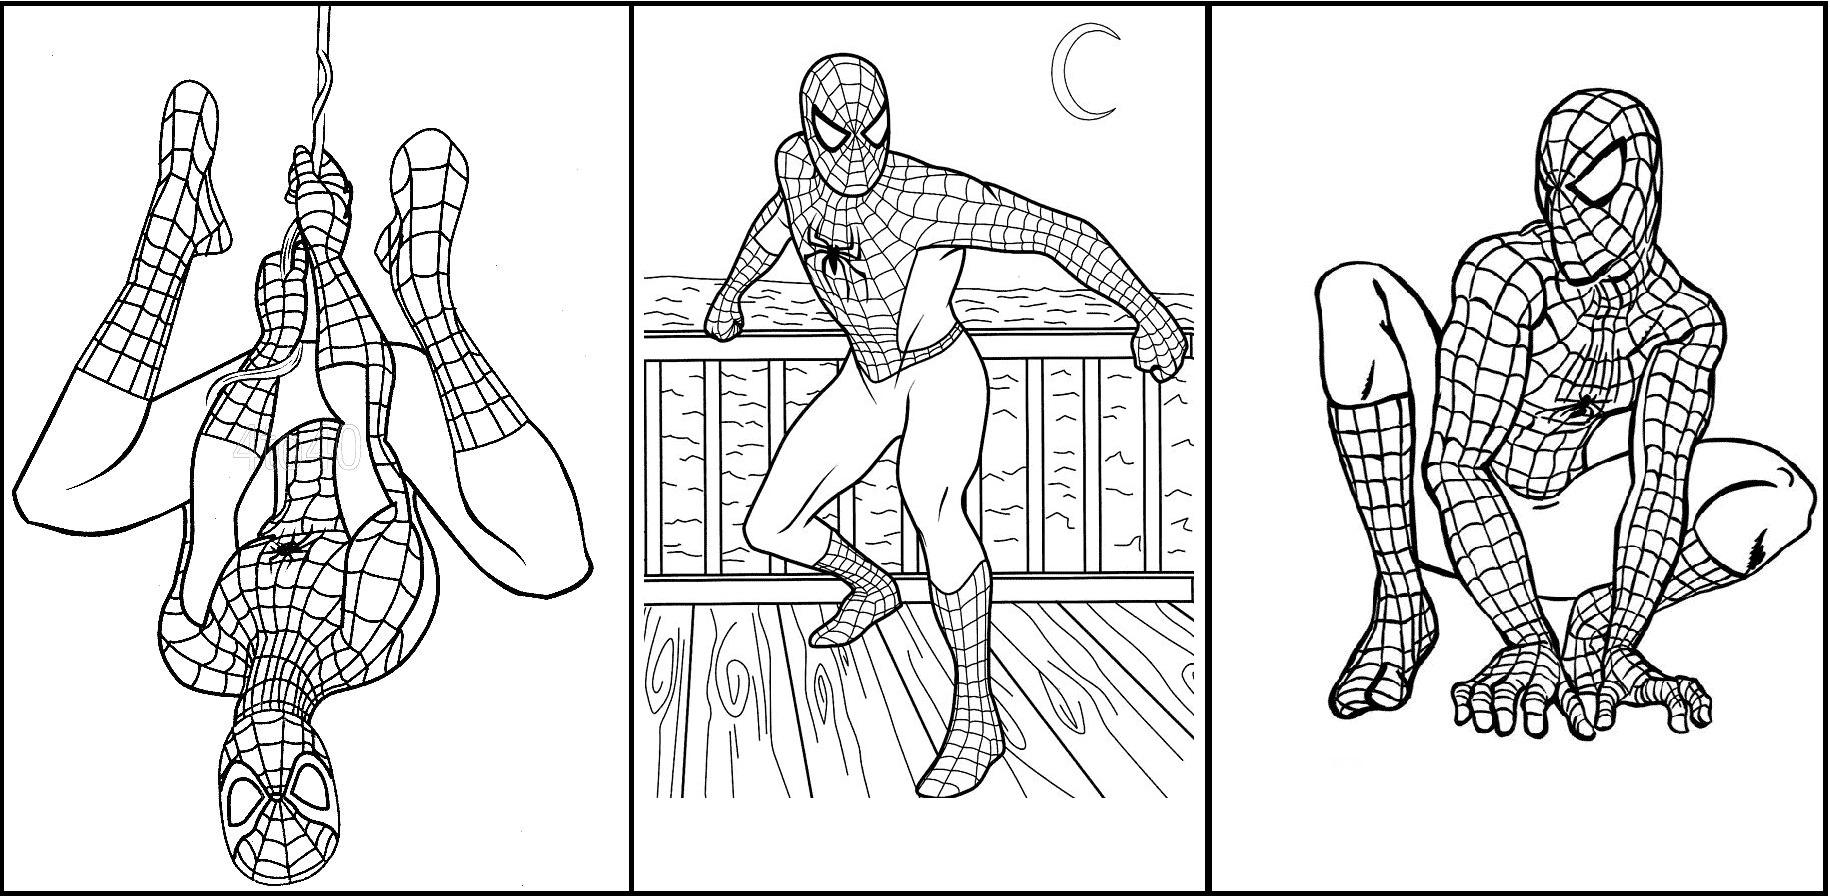 imagens do homem aranha preto e branco